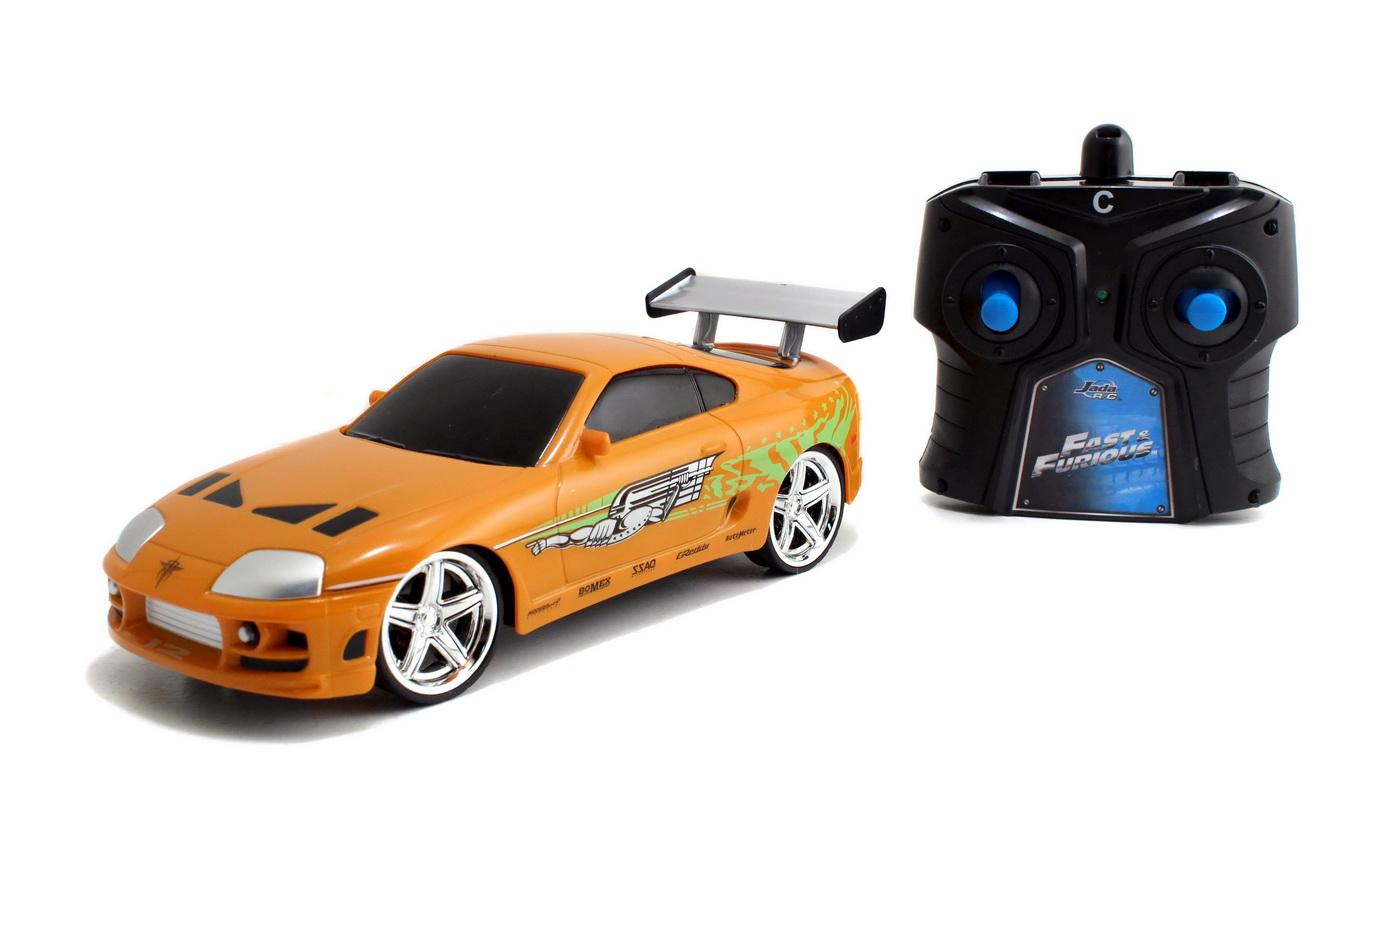 Masinuta Metalica Cu Telecomanda Fast And Furious Rc Brian's Toyota Scara 1:24